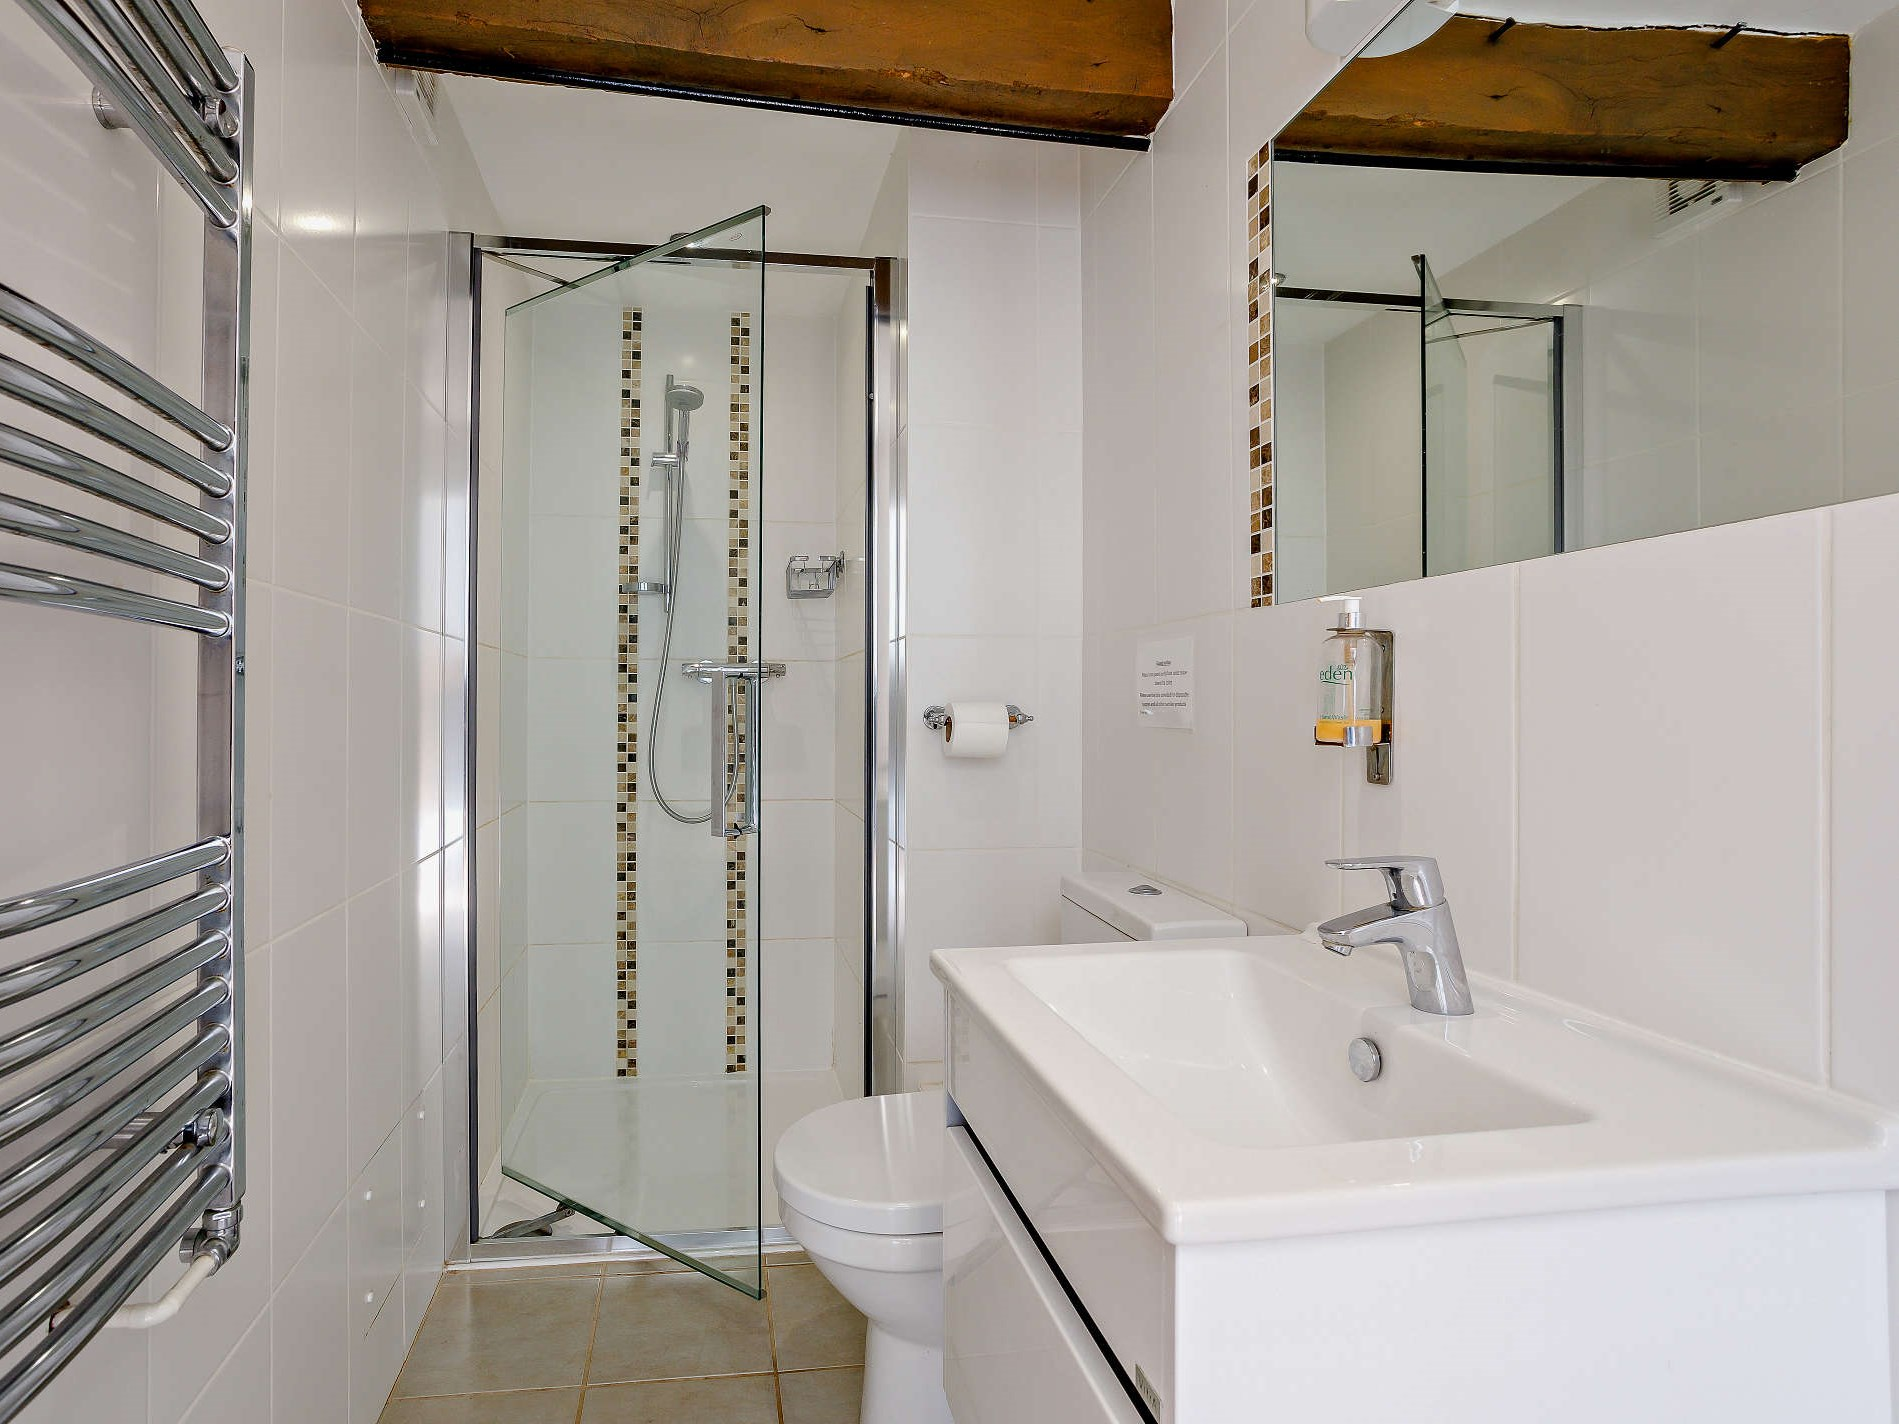 3 Bedroom Barn in Somerset, Dorset and Somerset